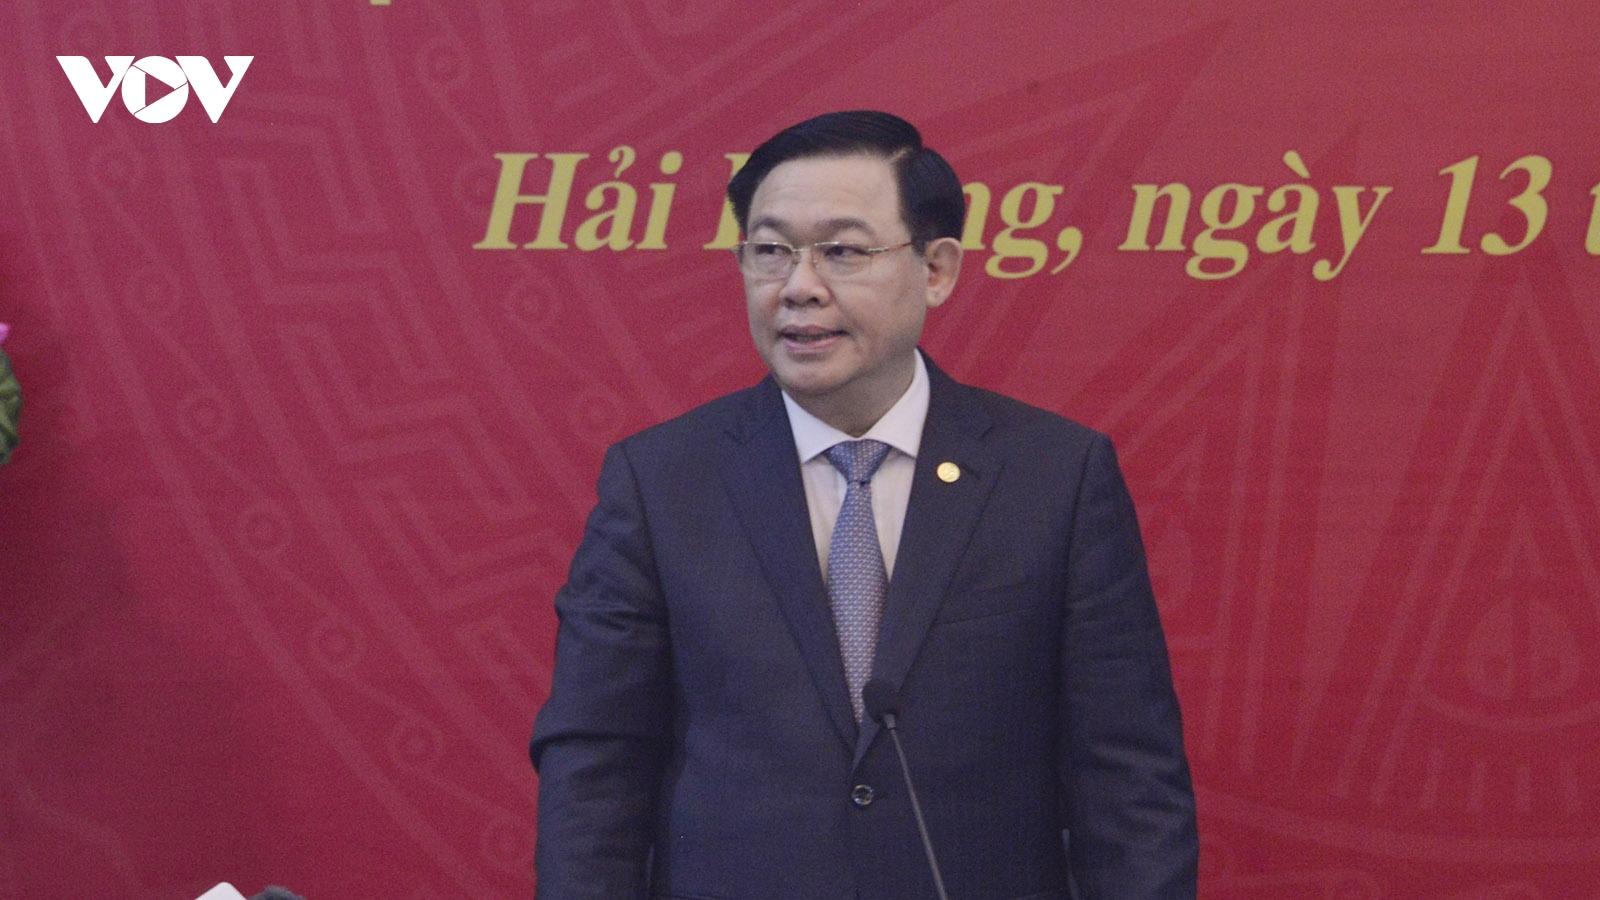 Chủ tịch Quốc hội làm việc với Ban Thường vụ Thành ủy, Ủy ban Bầu cử Hải Phòng